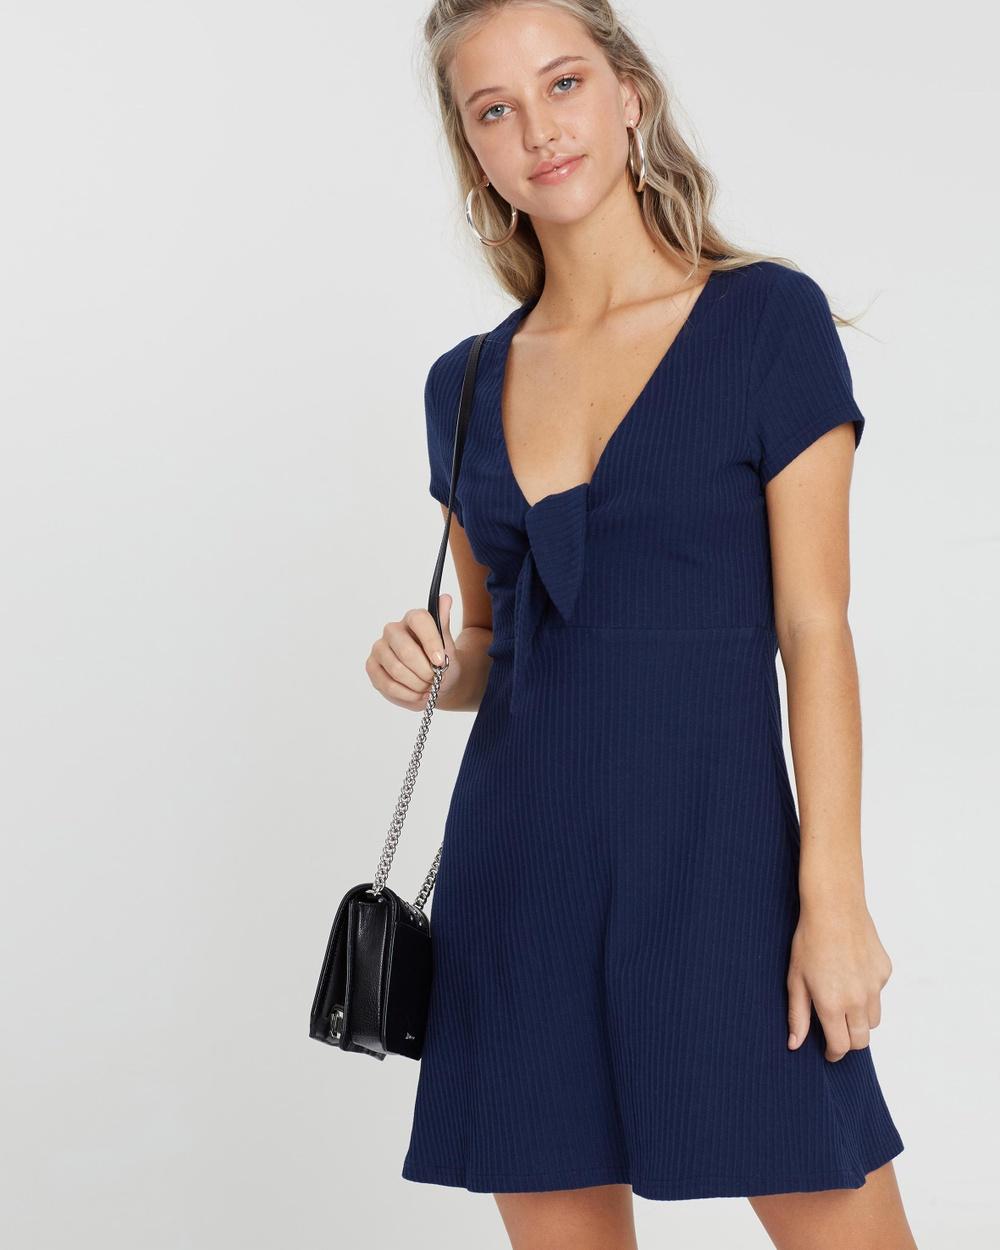 MINKPINK Comfort Textured Tie Dress Dresses Navy Comfort Textured Tie Dress